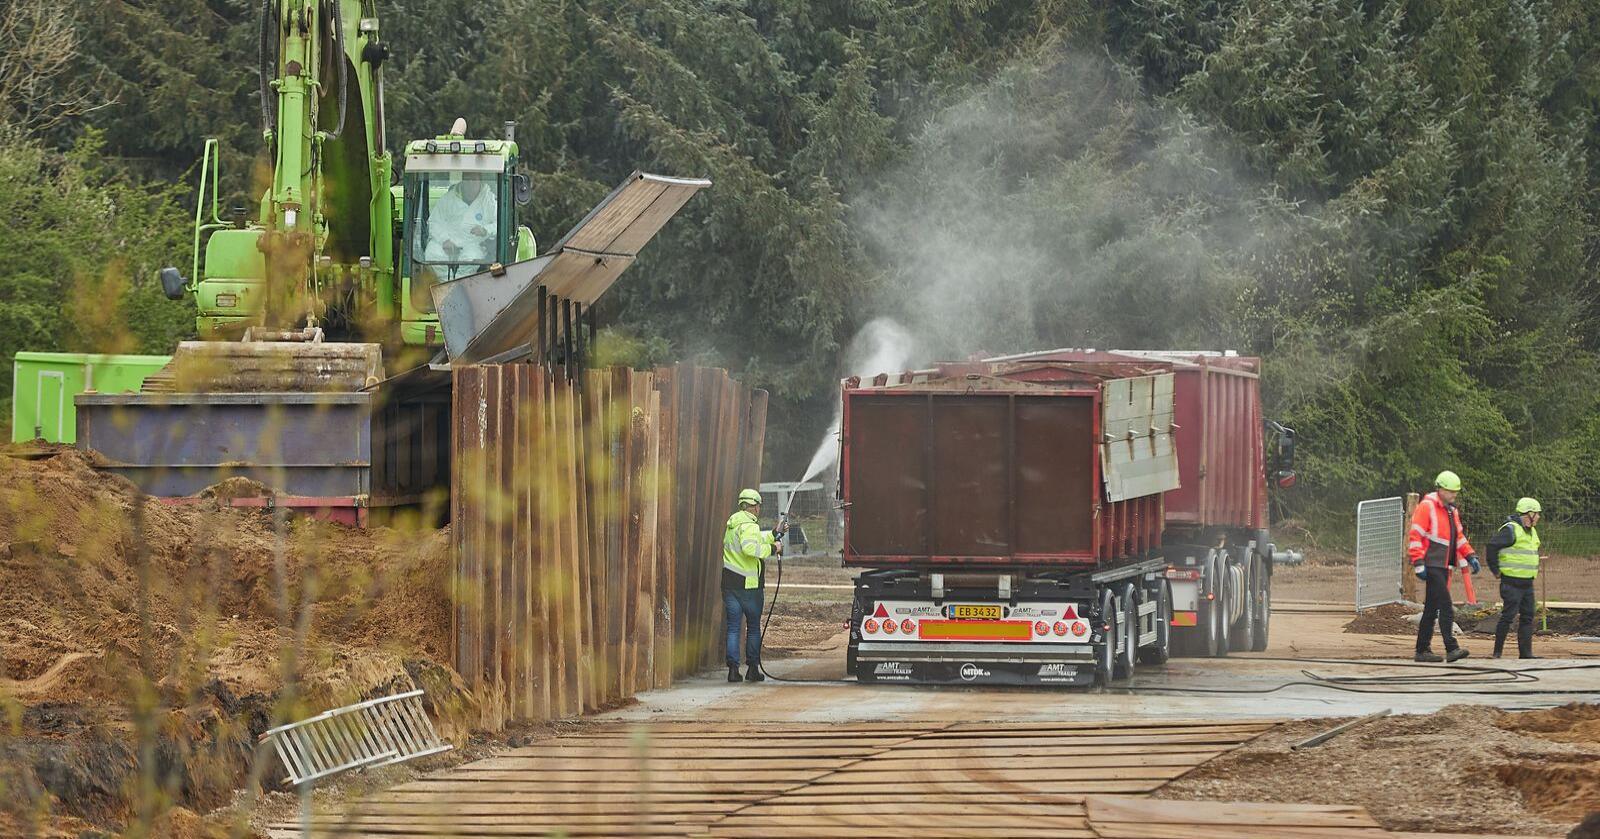 Danmark går i gang med det ubehagelige arbeidet med å grave opp flere tusen tonn døde mink torsdag. Foto: Mikkel Berg Pedersen / Ritzau Scanpix / NTB